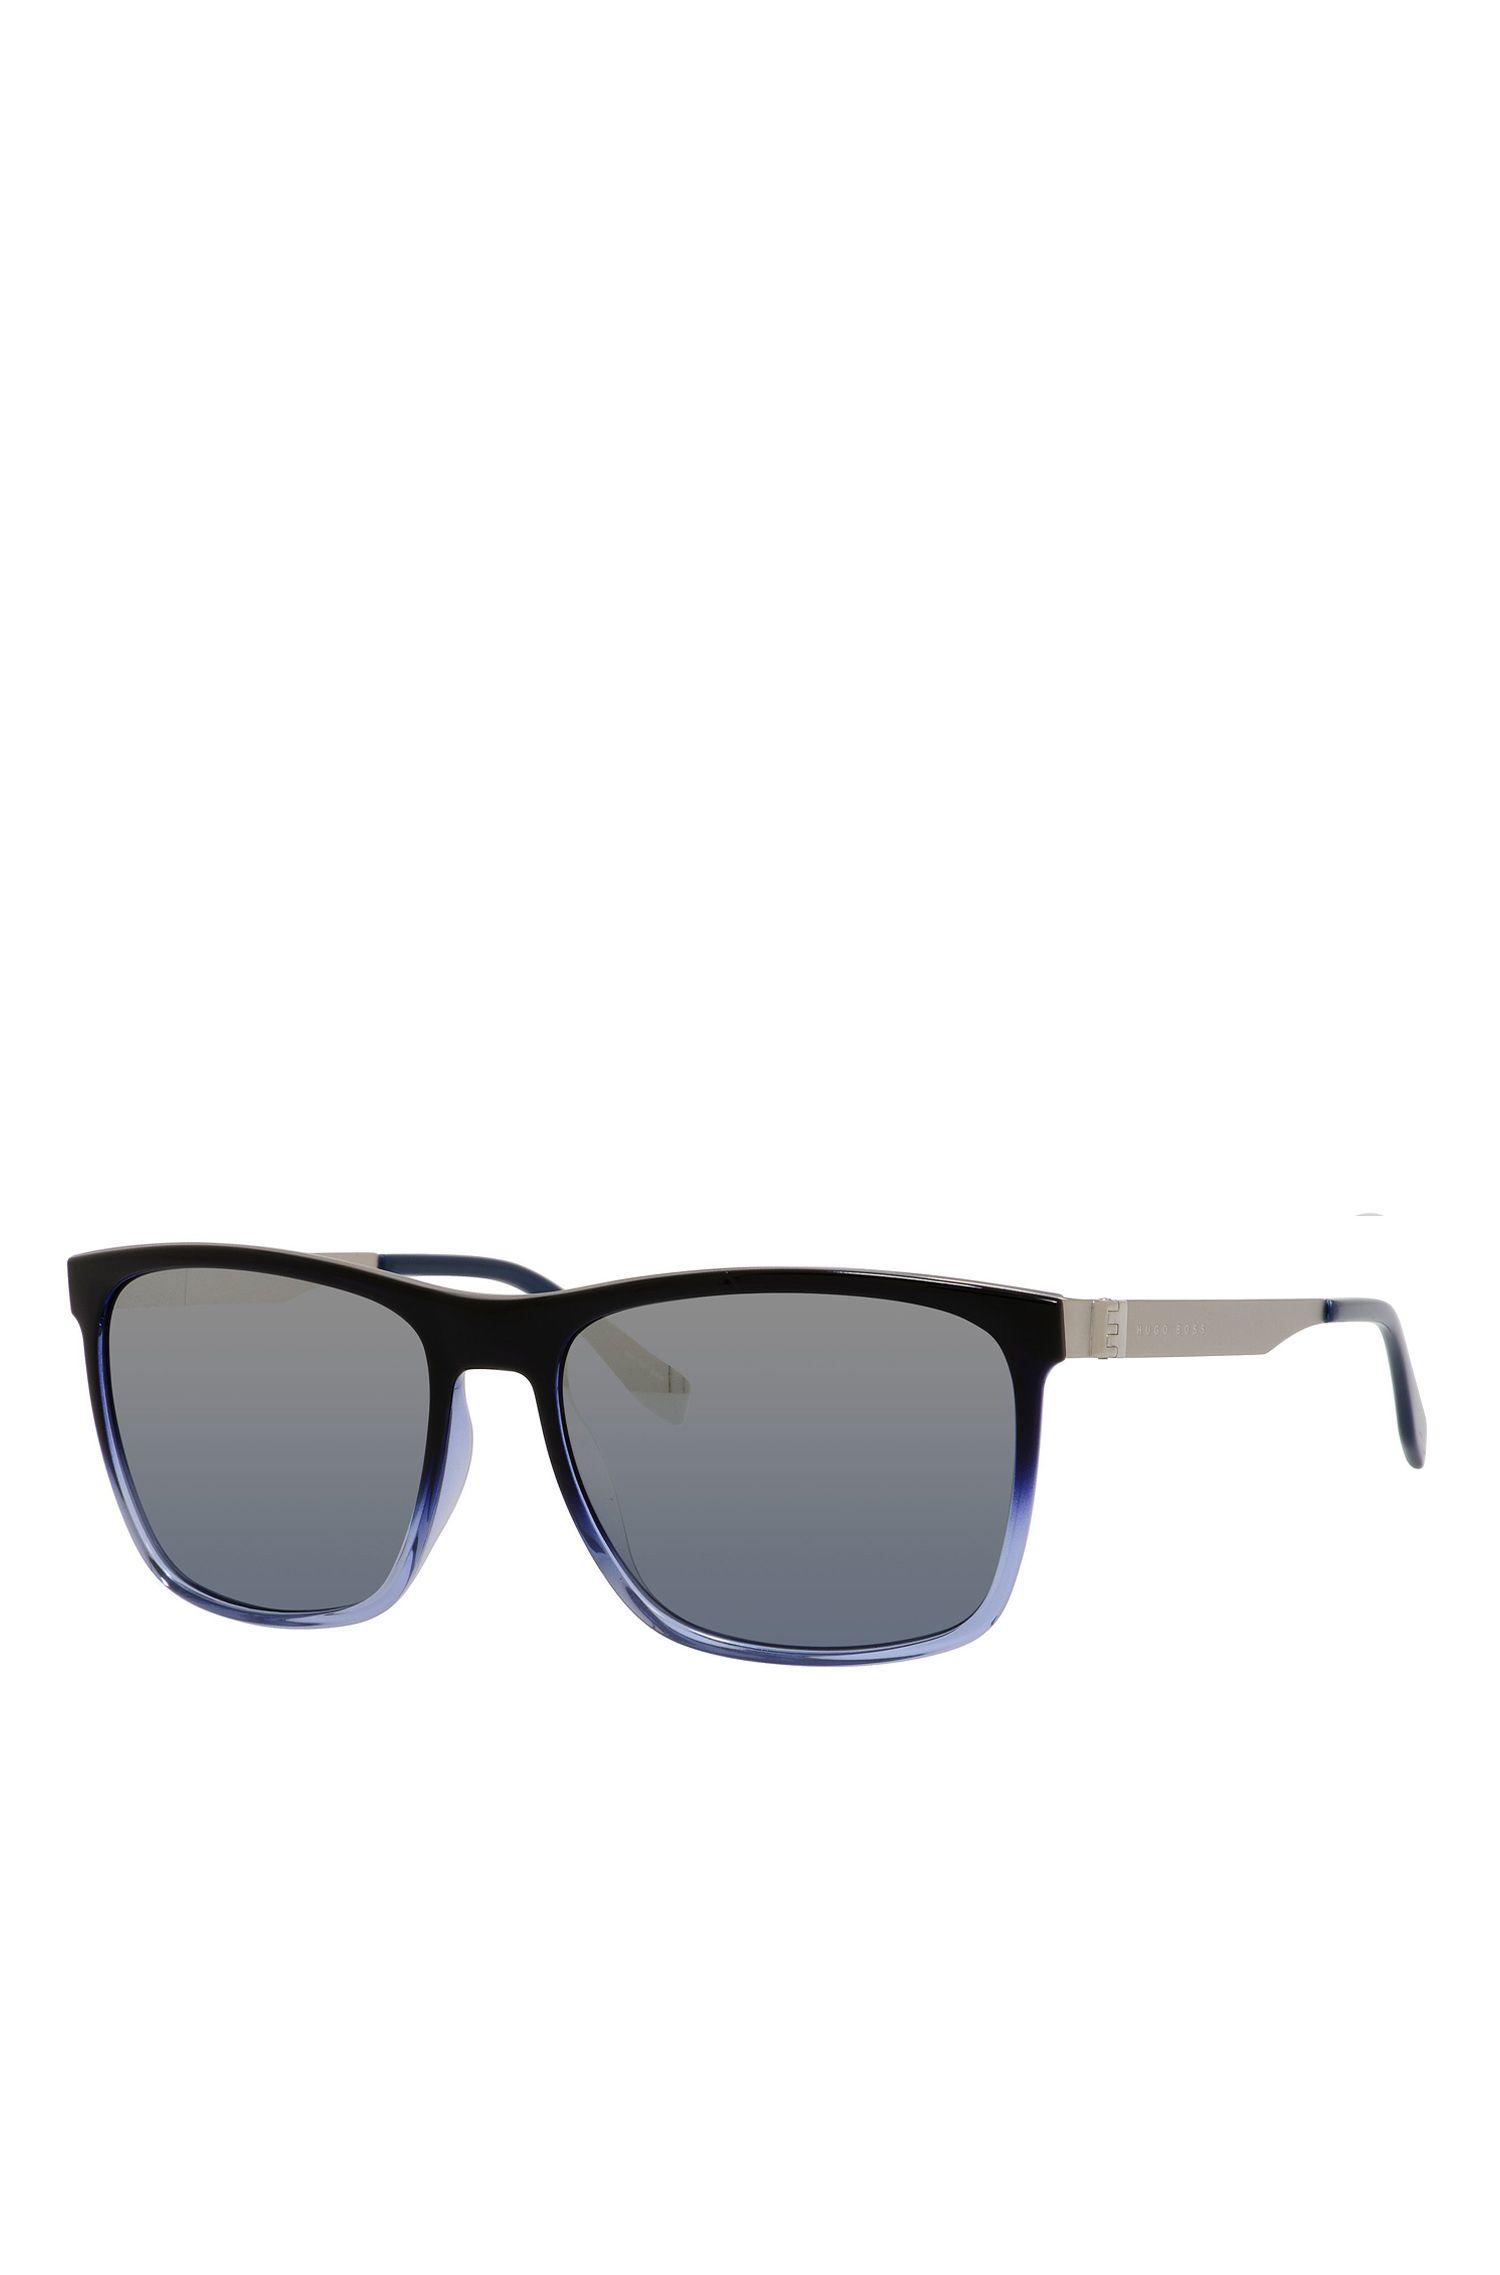 'BOSS 0671S'   Blue Gradient Lens Rectangular Sunglasses